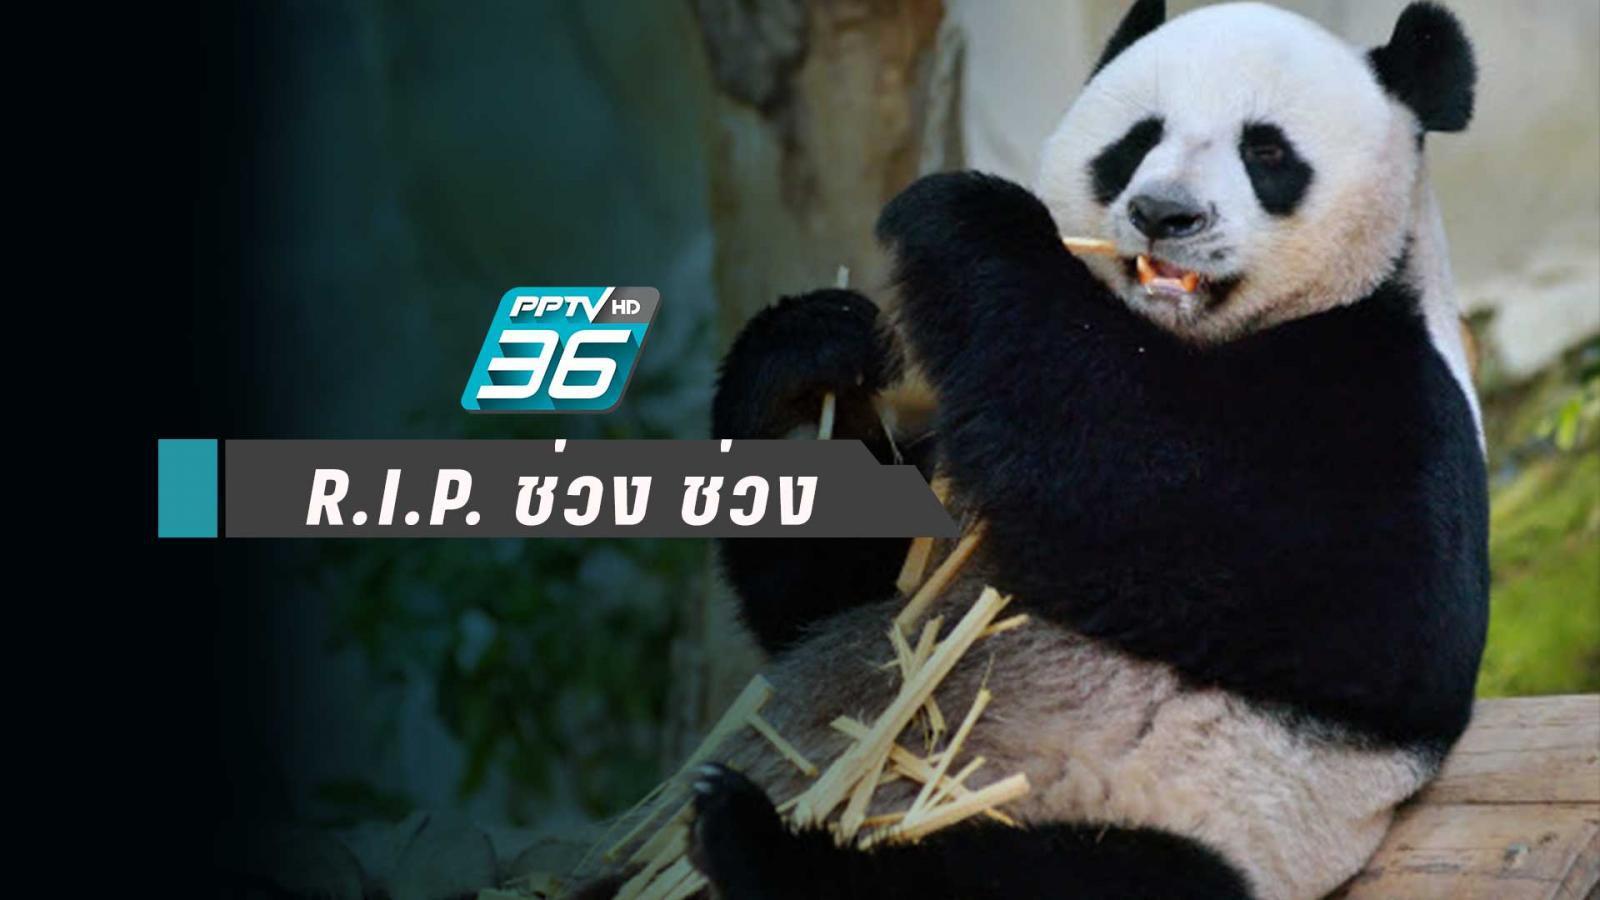 """""""ช่วง ช่วง"""" ตายแล้ว สวนสัตว์เชียงใหม่เตรียมแถลงพรุ่งนี้"""